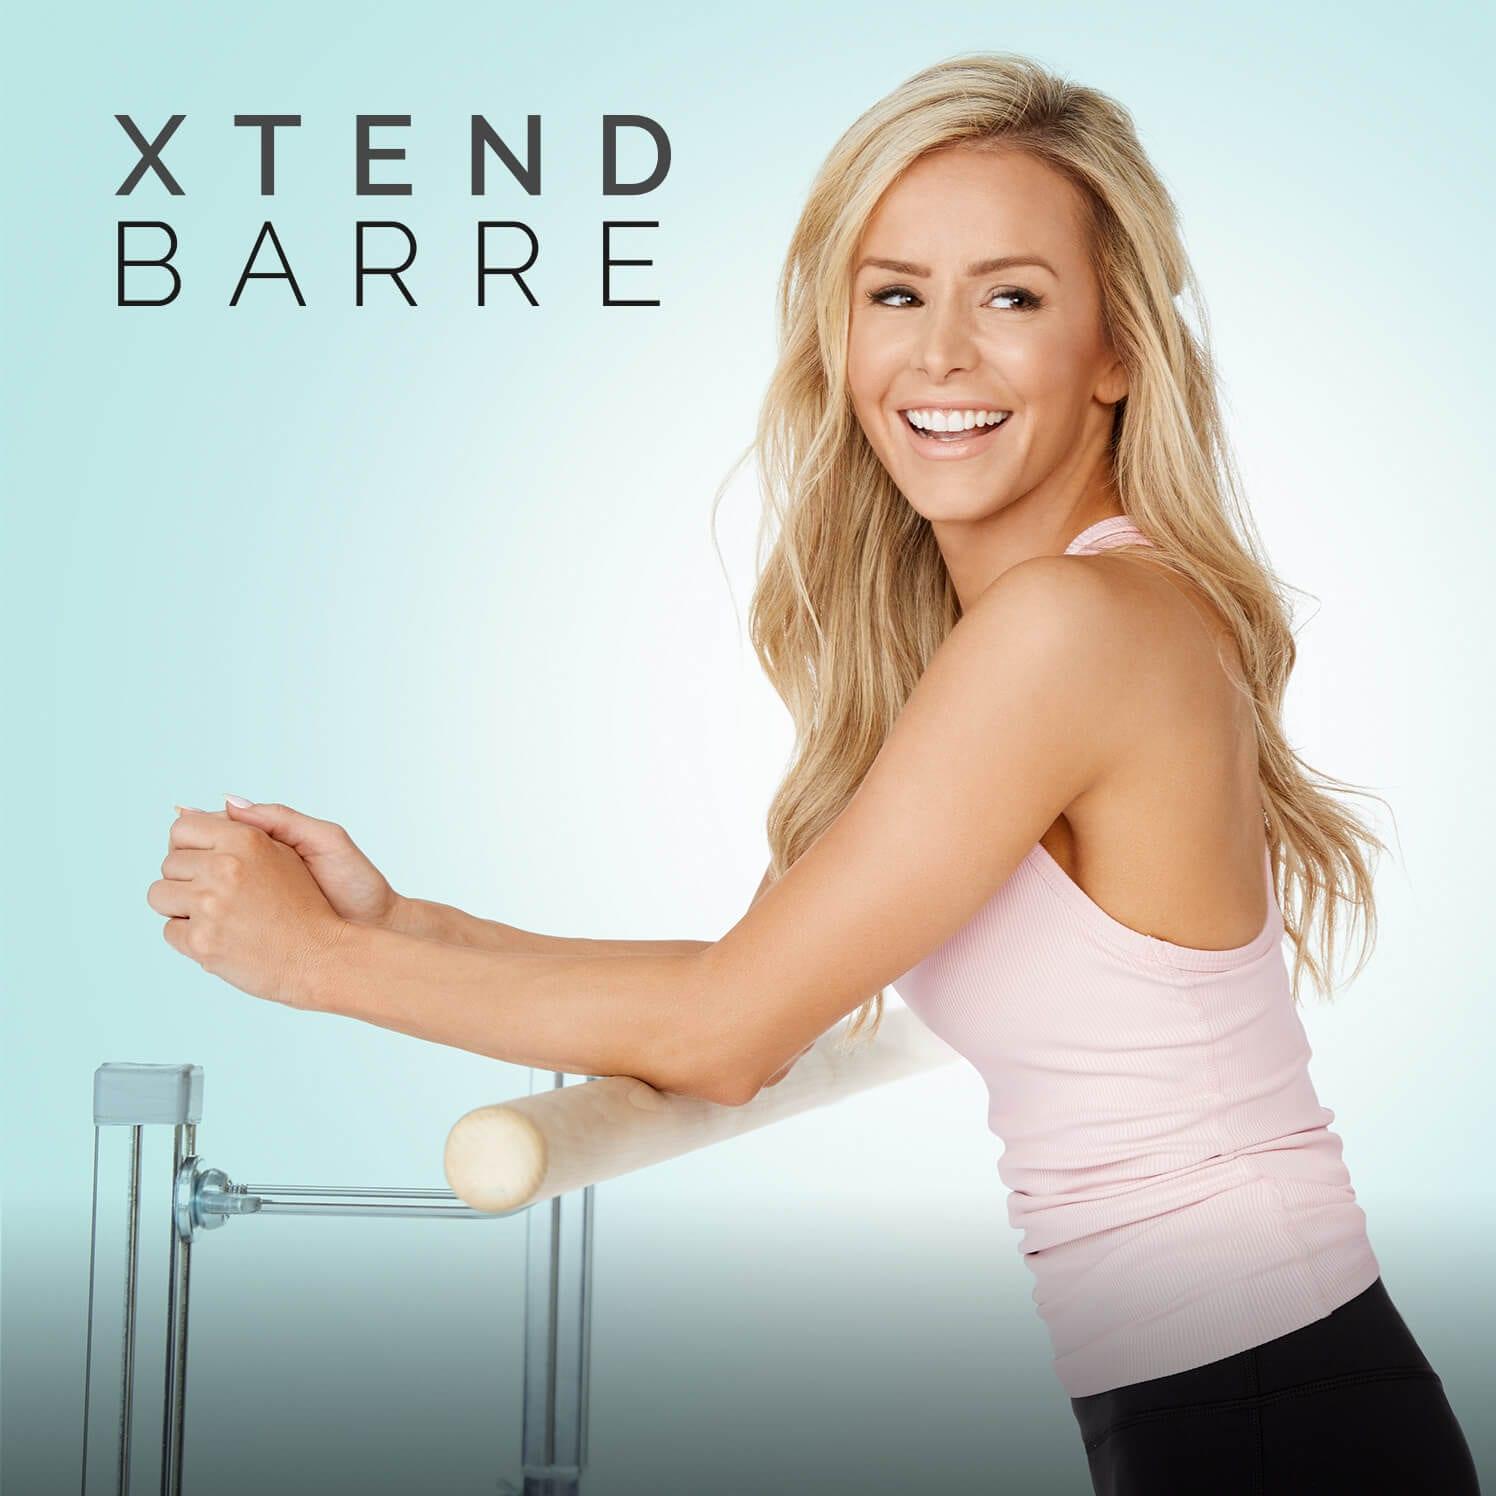 Xtend Barre™